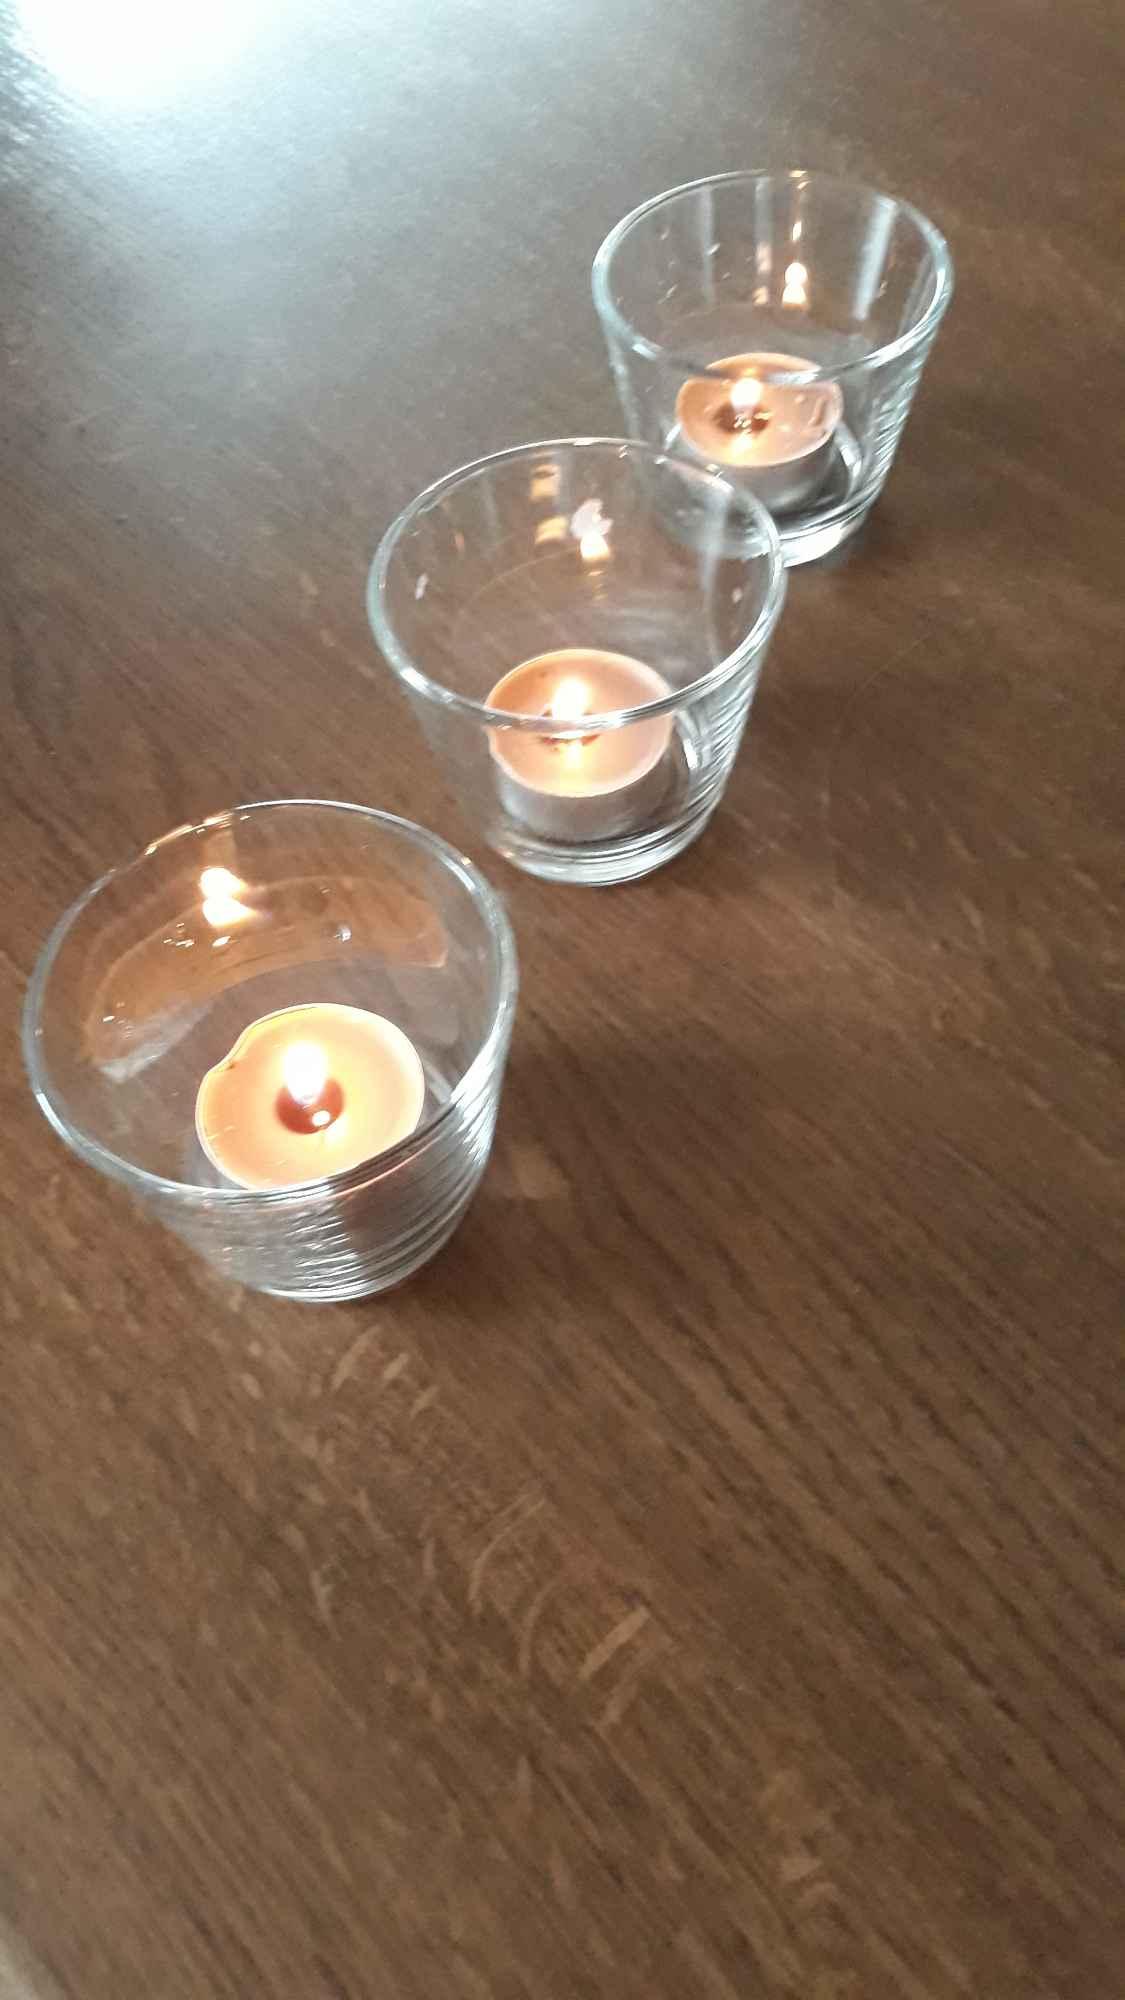 świeczniki na tealighty Częstochowa - zdjęcie 2